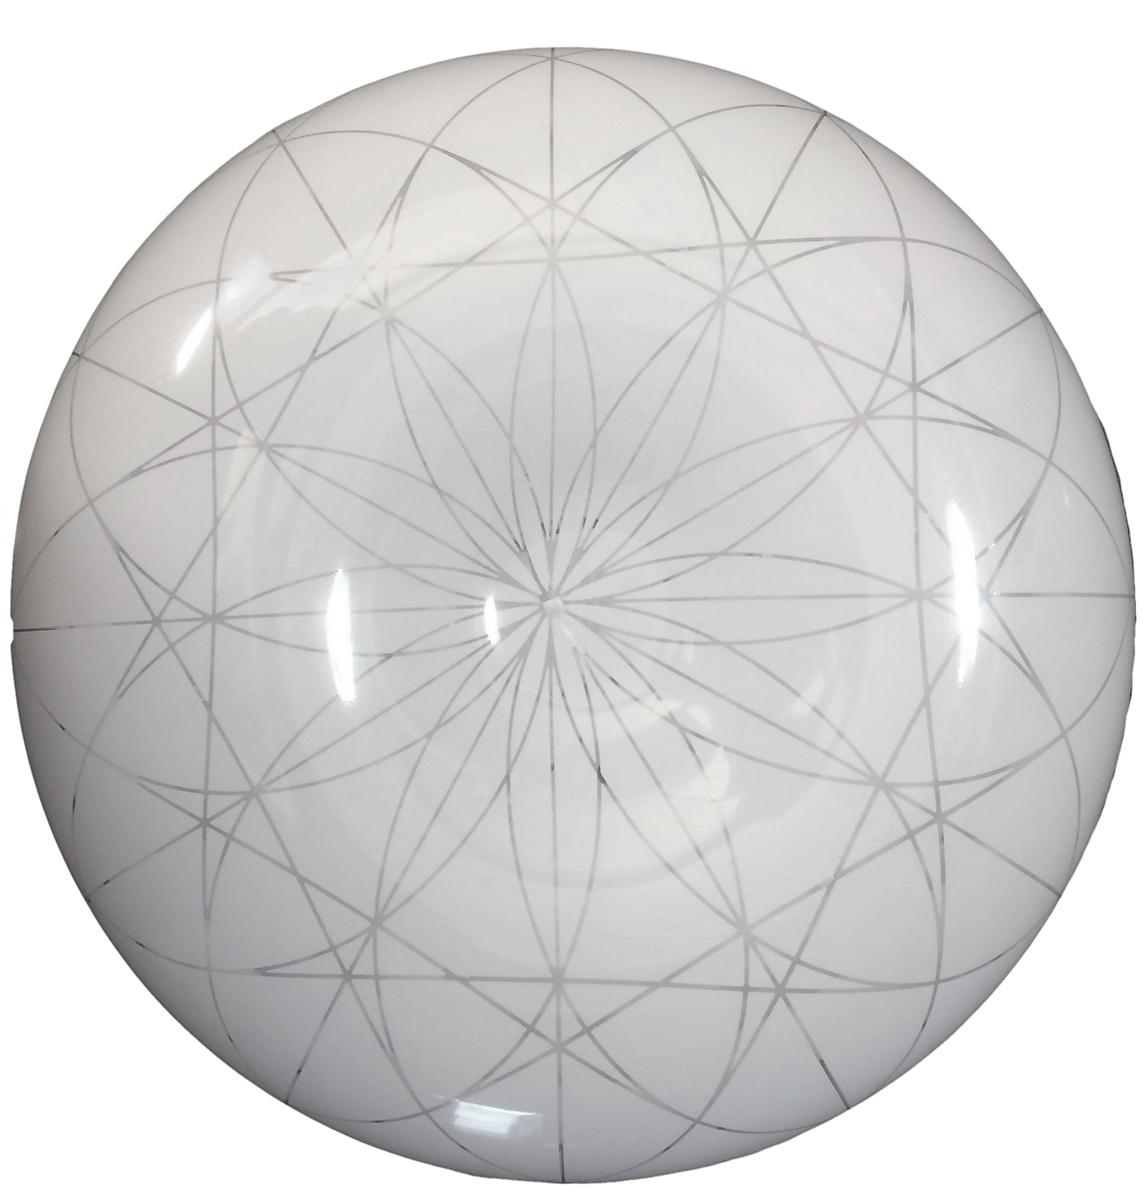 Потолочный светильник ULTRALIGHT 6019d260, светло-серый потолочный светильник лампландия edmon светло серый